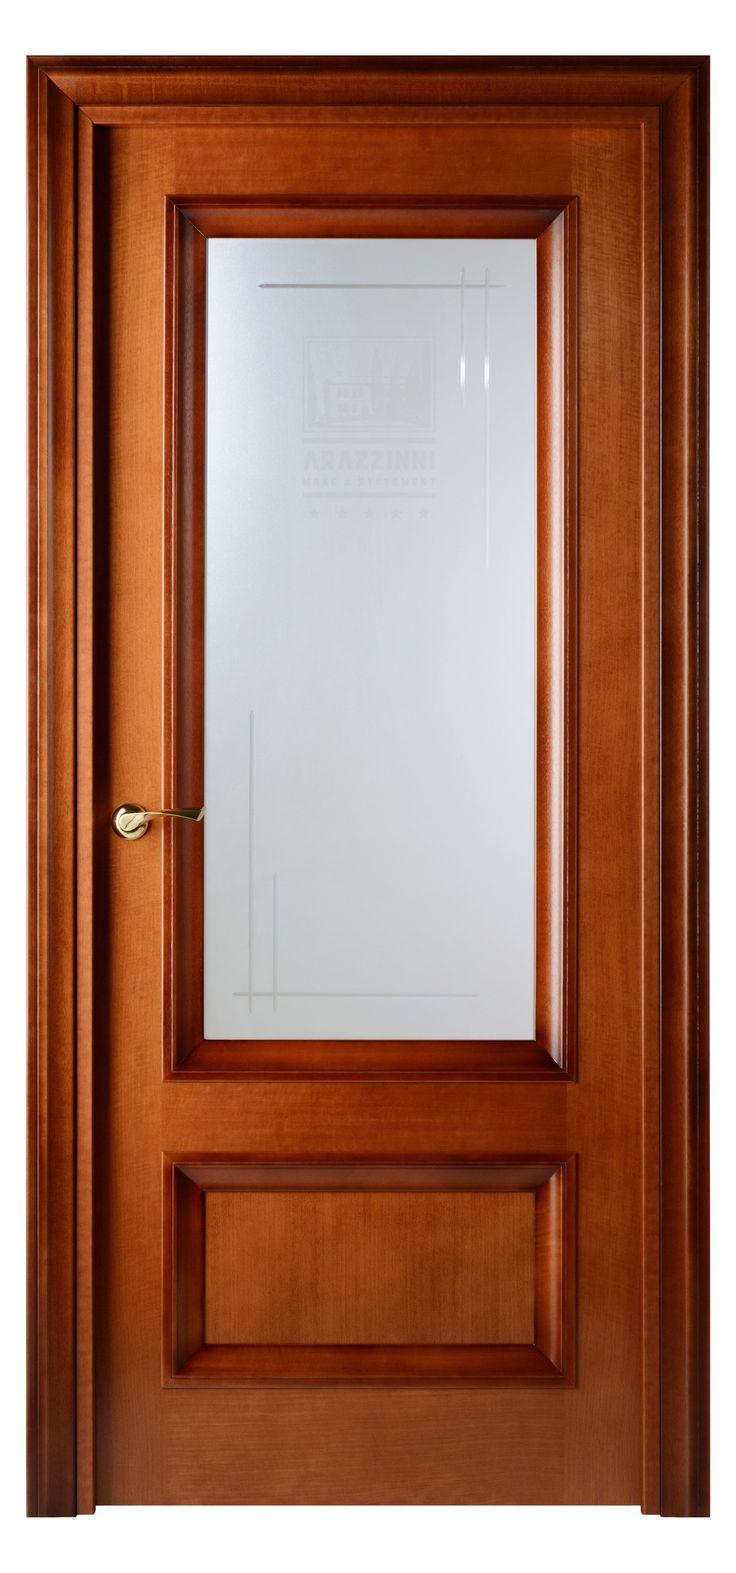 door can buy interior i photo exterior breathtaking steel with ct where doors in blindsbuy sidelightsinebuy doorsine design